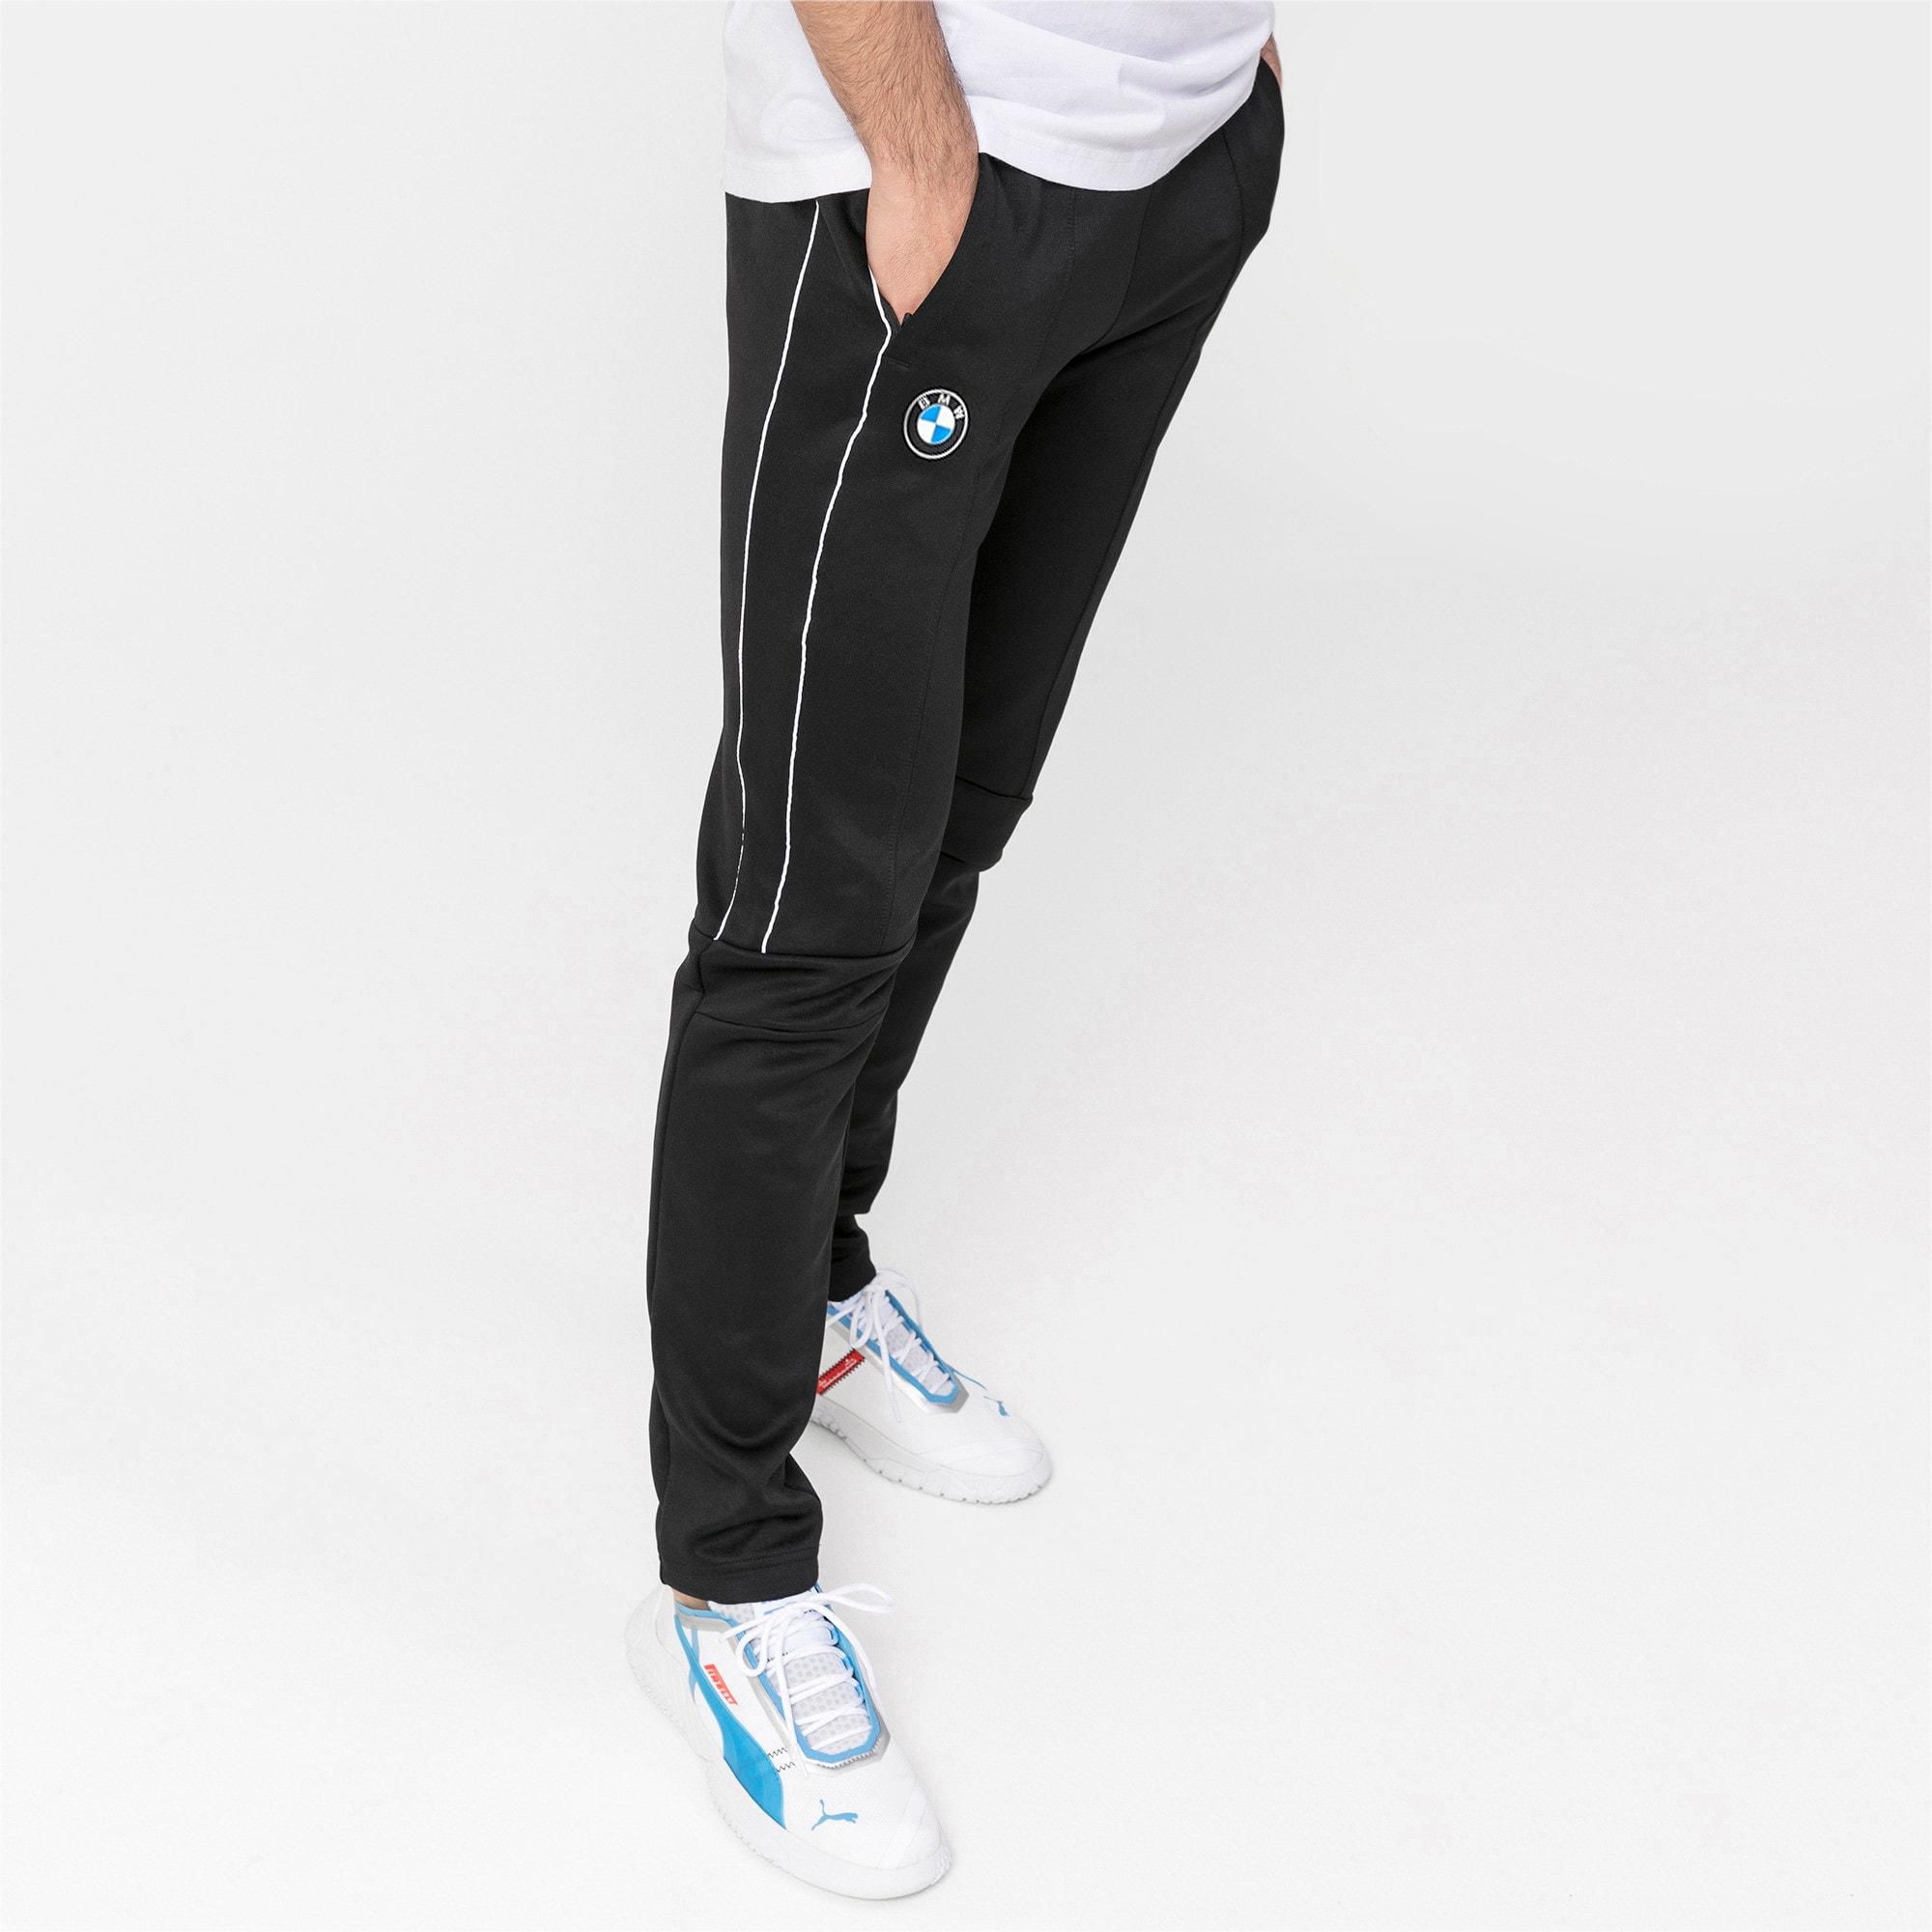 venta barata ee. variedad de diseños y colores al por mayor Pantalones de chándal de hombre T7 BMW M Motorsport